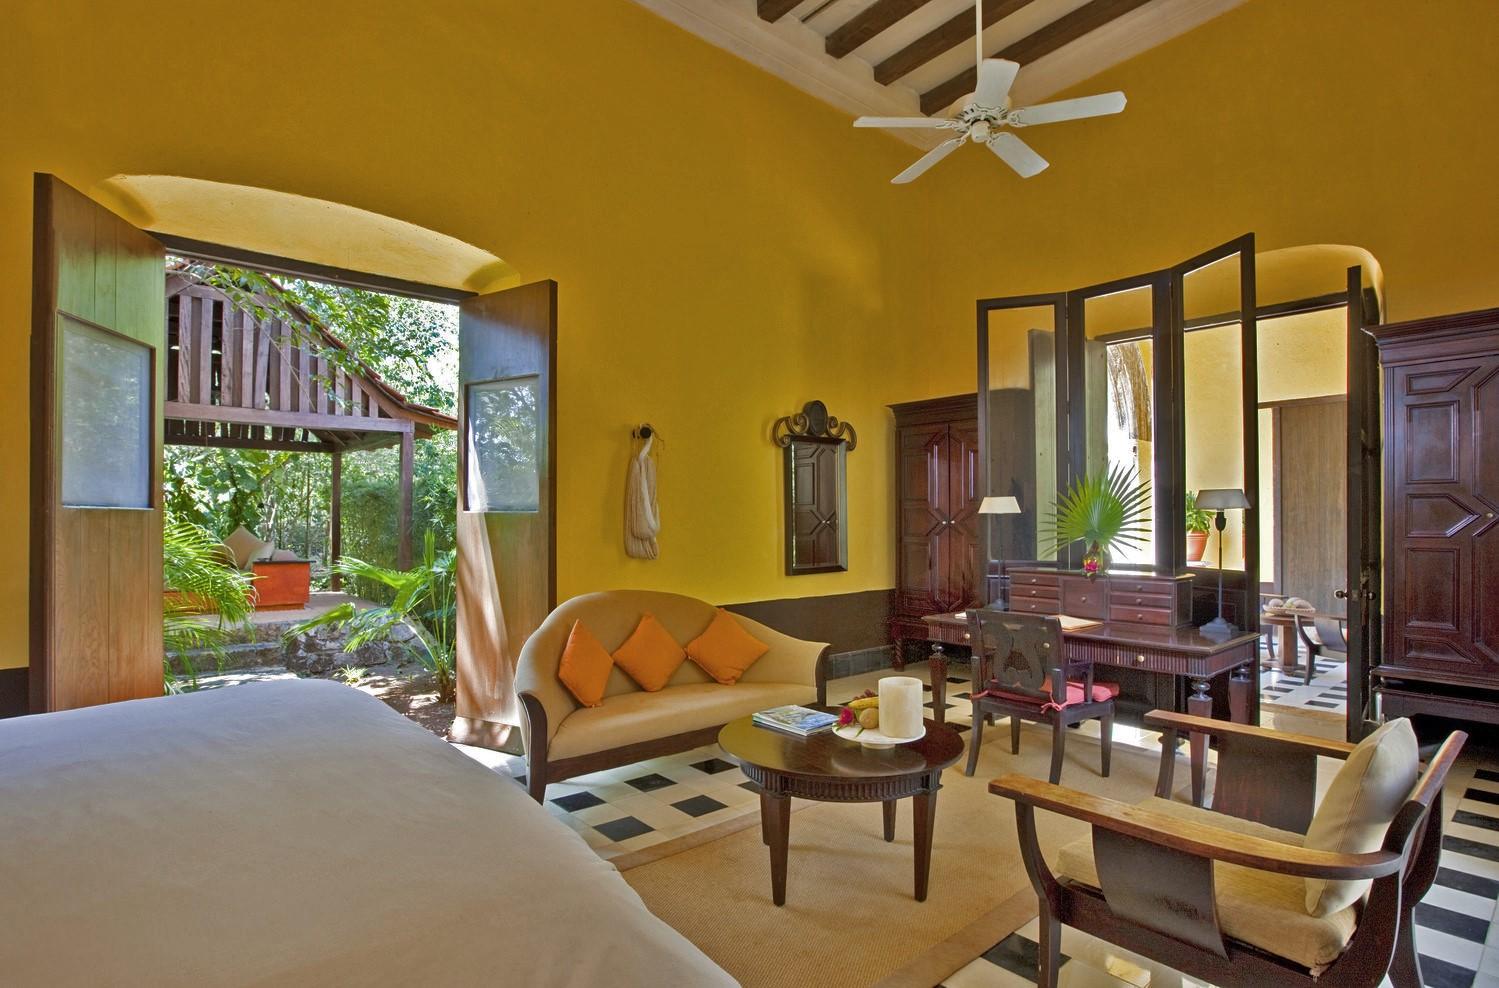 Double room at Hacienda Uayamon Campeche